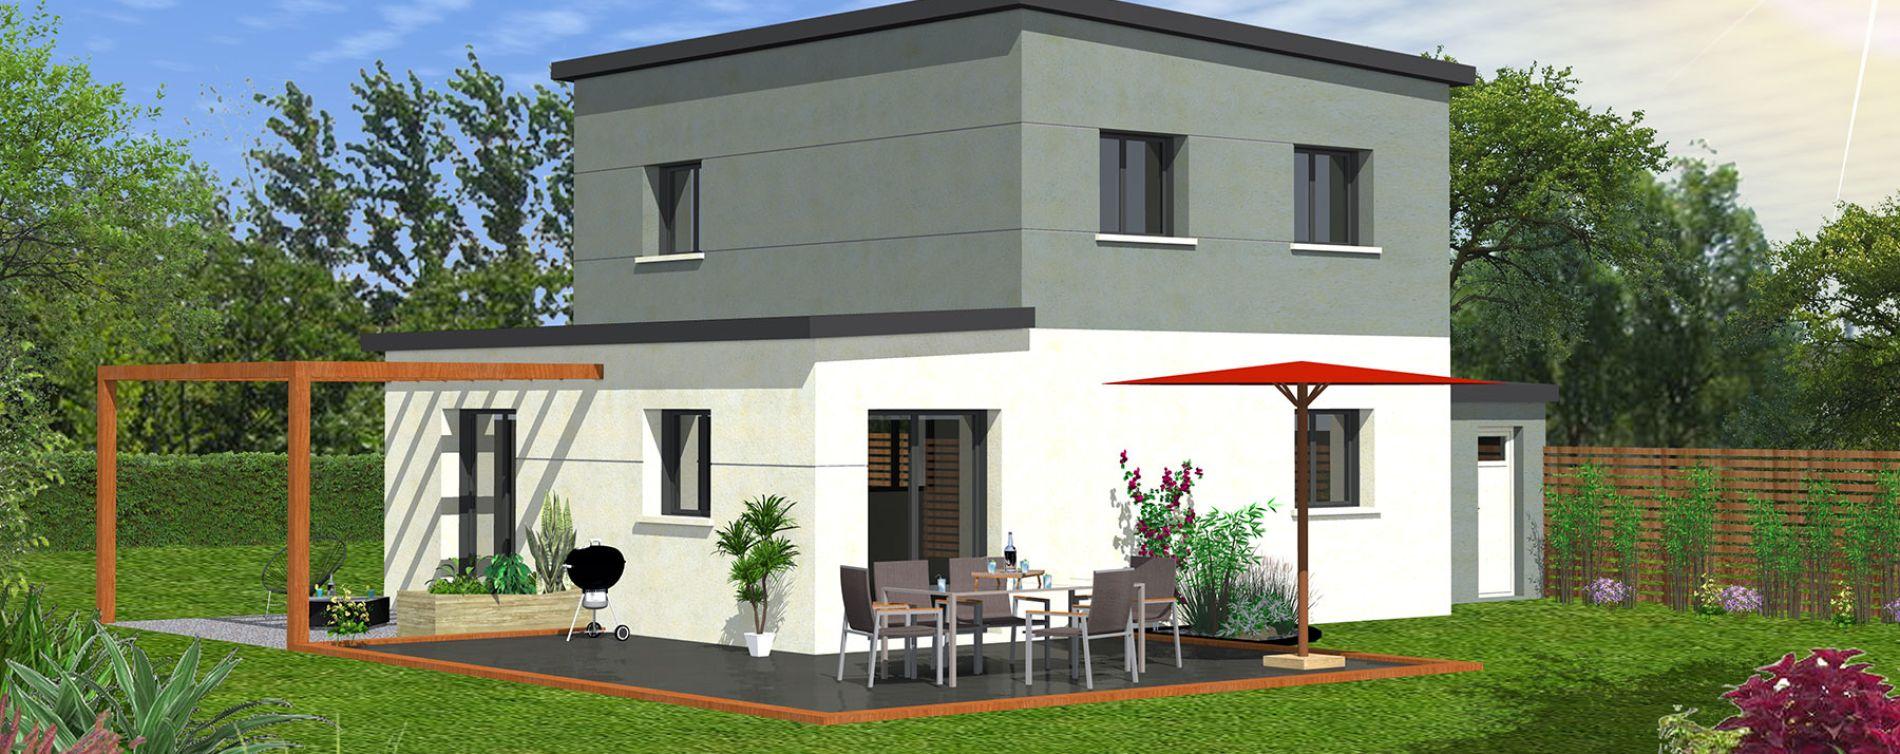 Lesneven : programme immobilier neuve « Cleusmeur » (5)